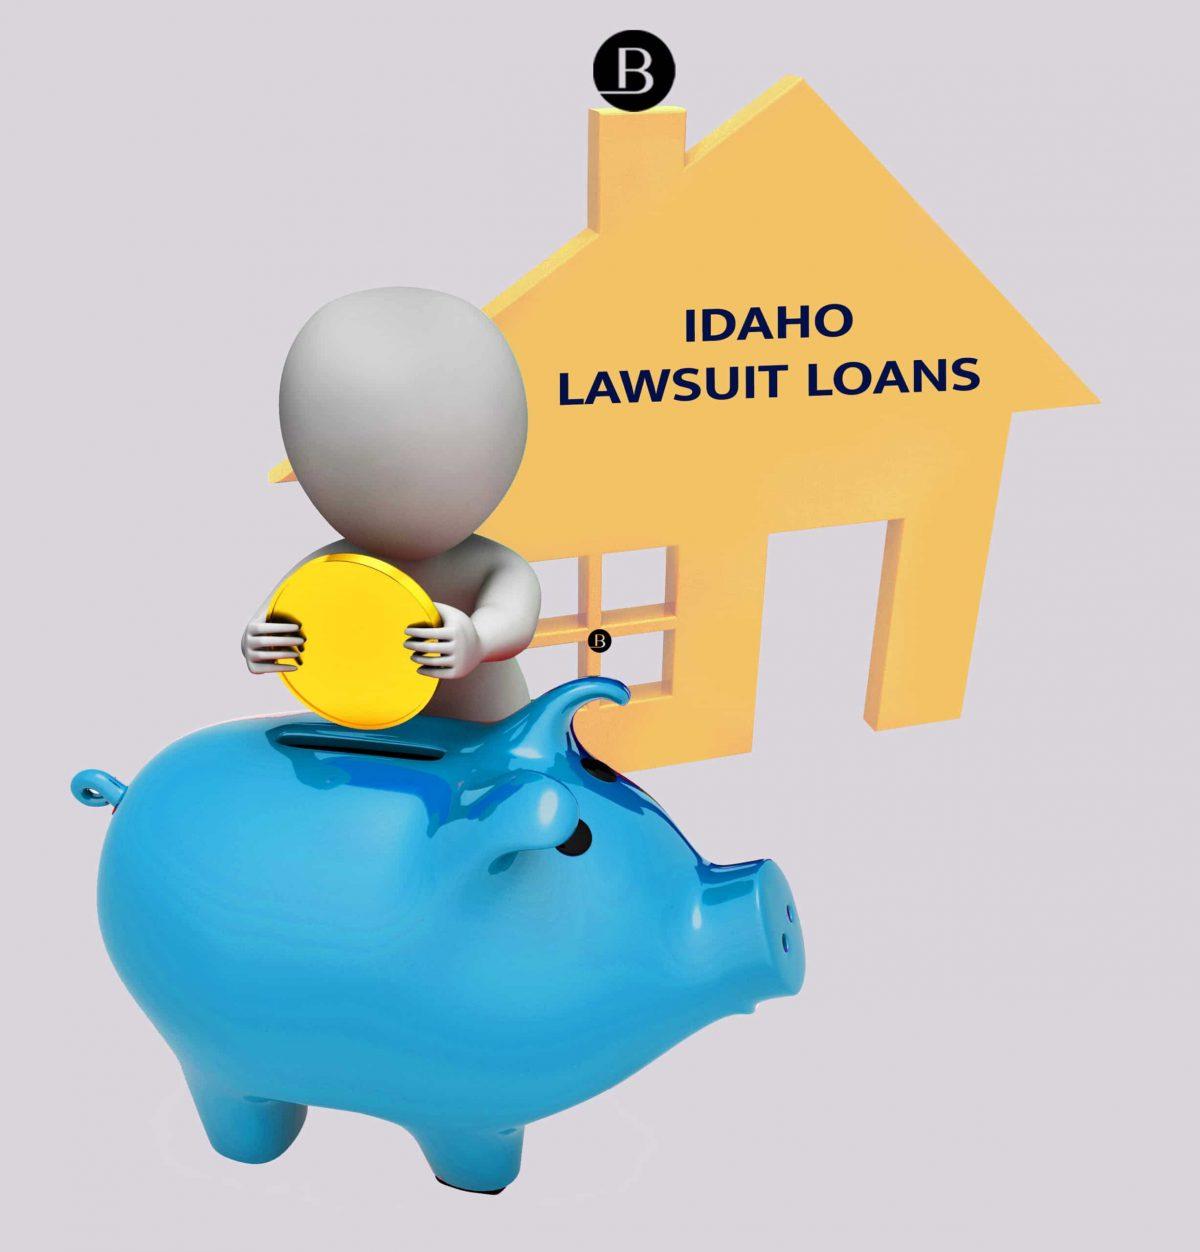 IDAHO LAWSUIT LOANS